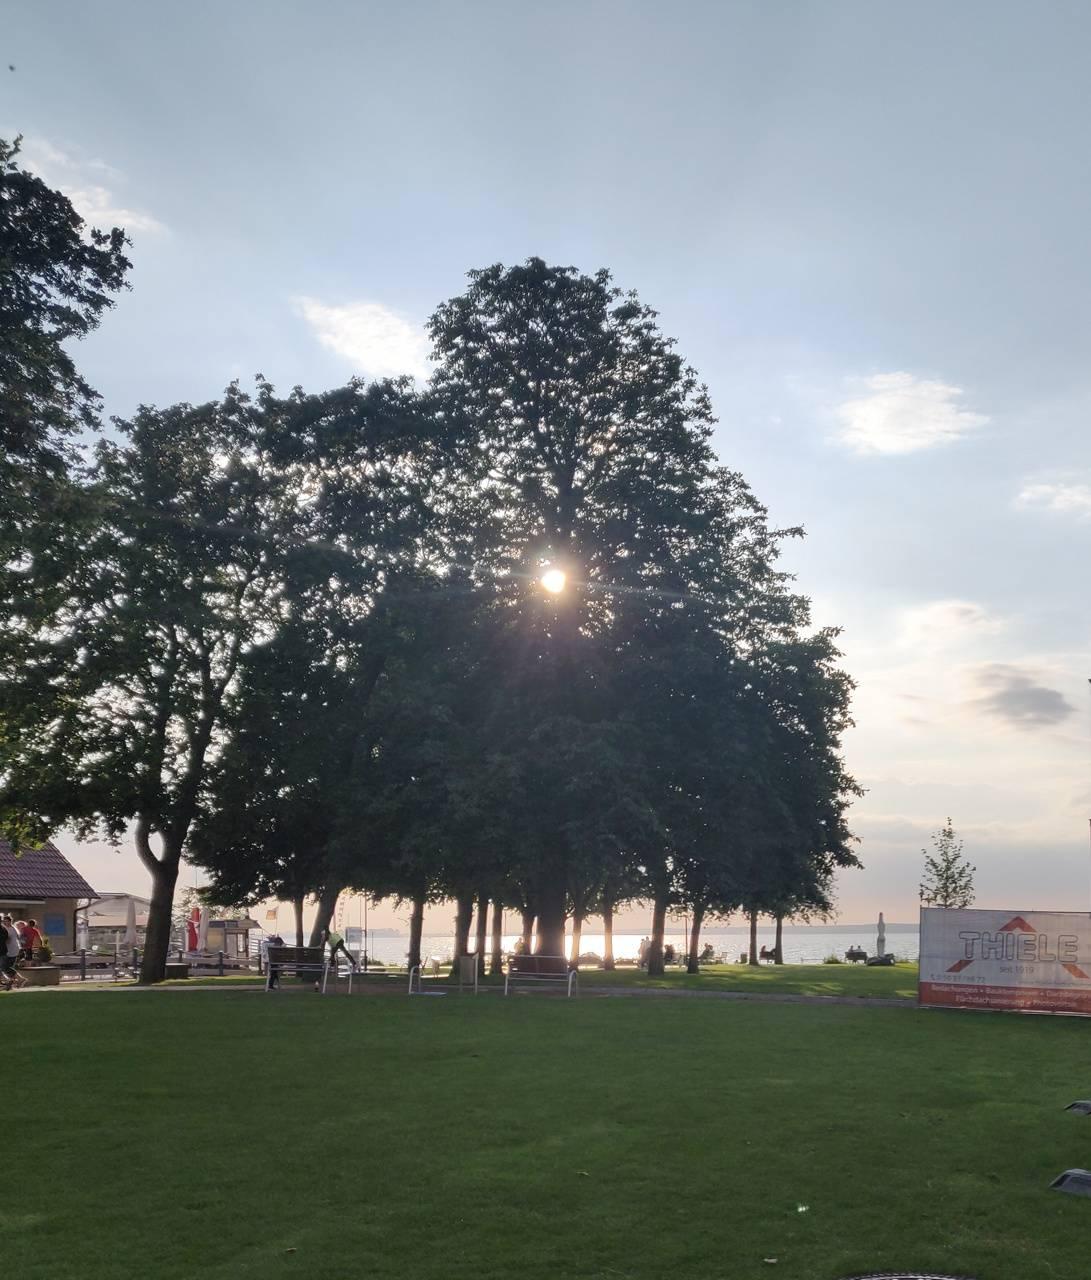 Glowing sun tree